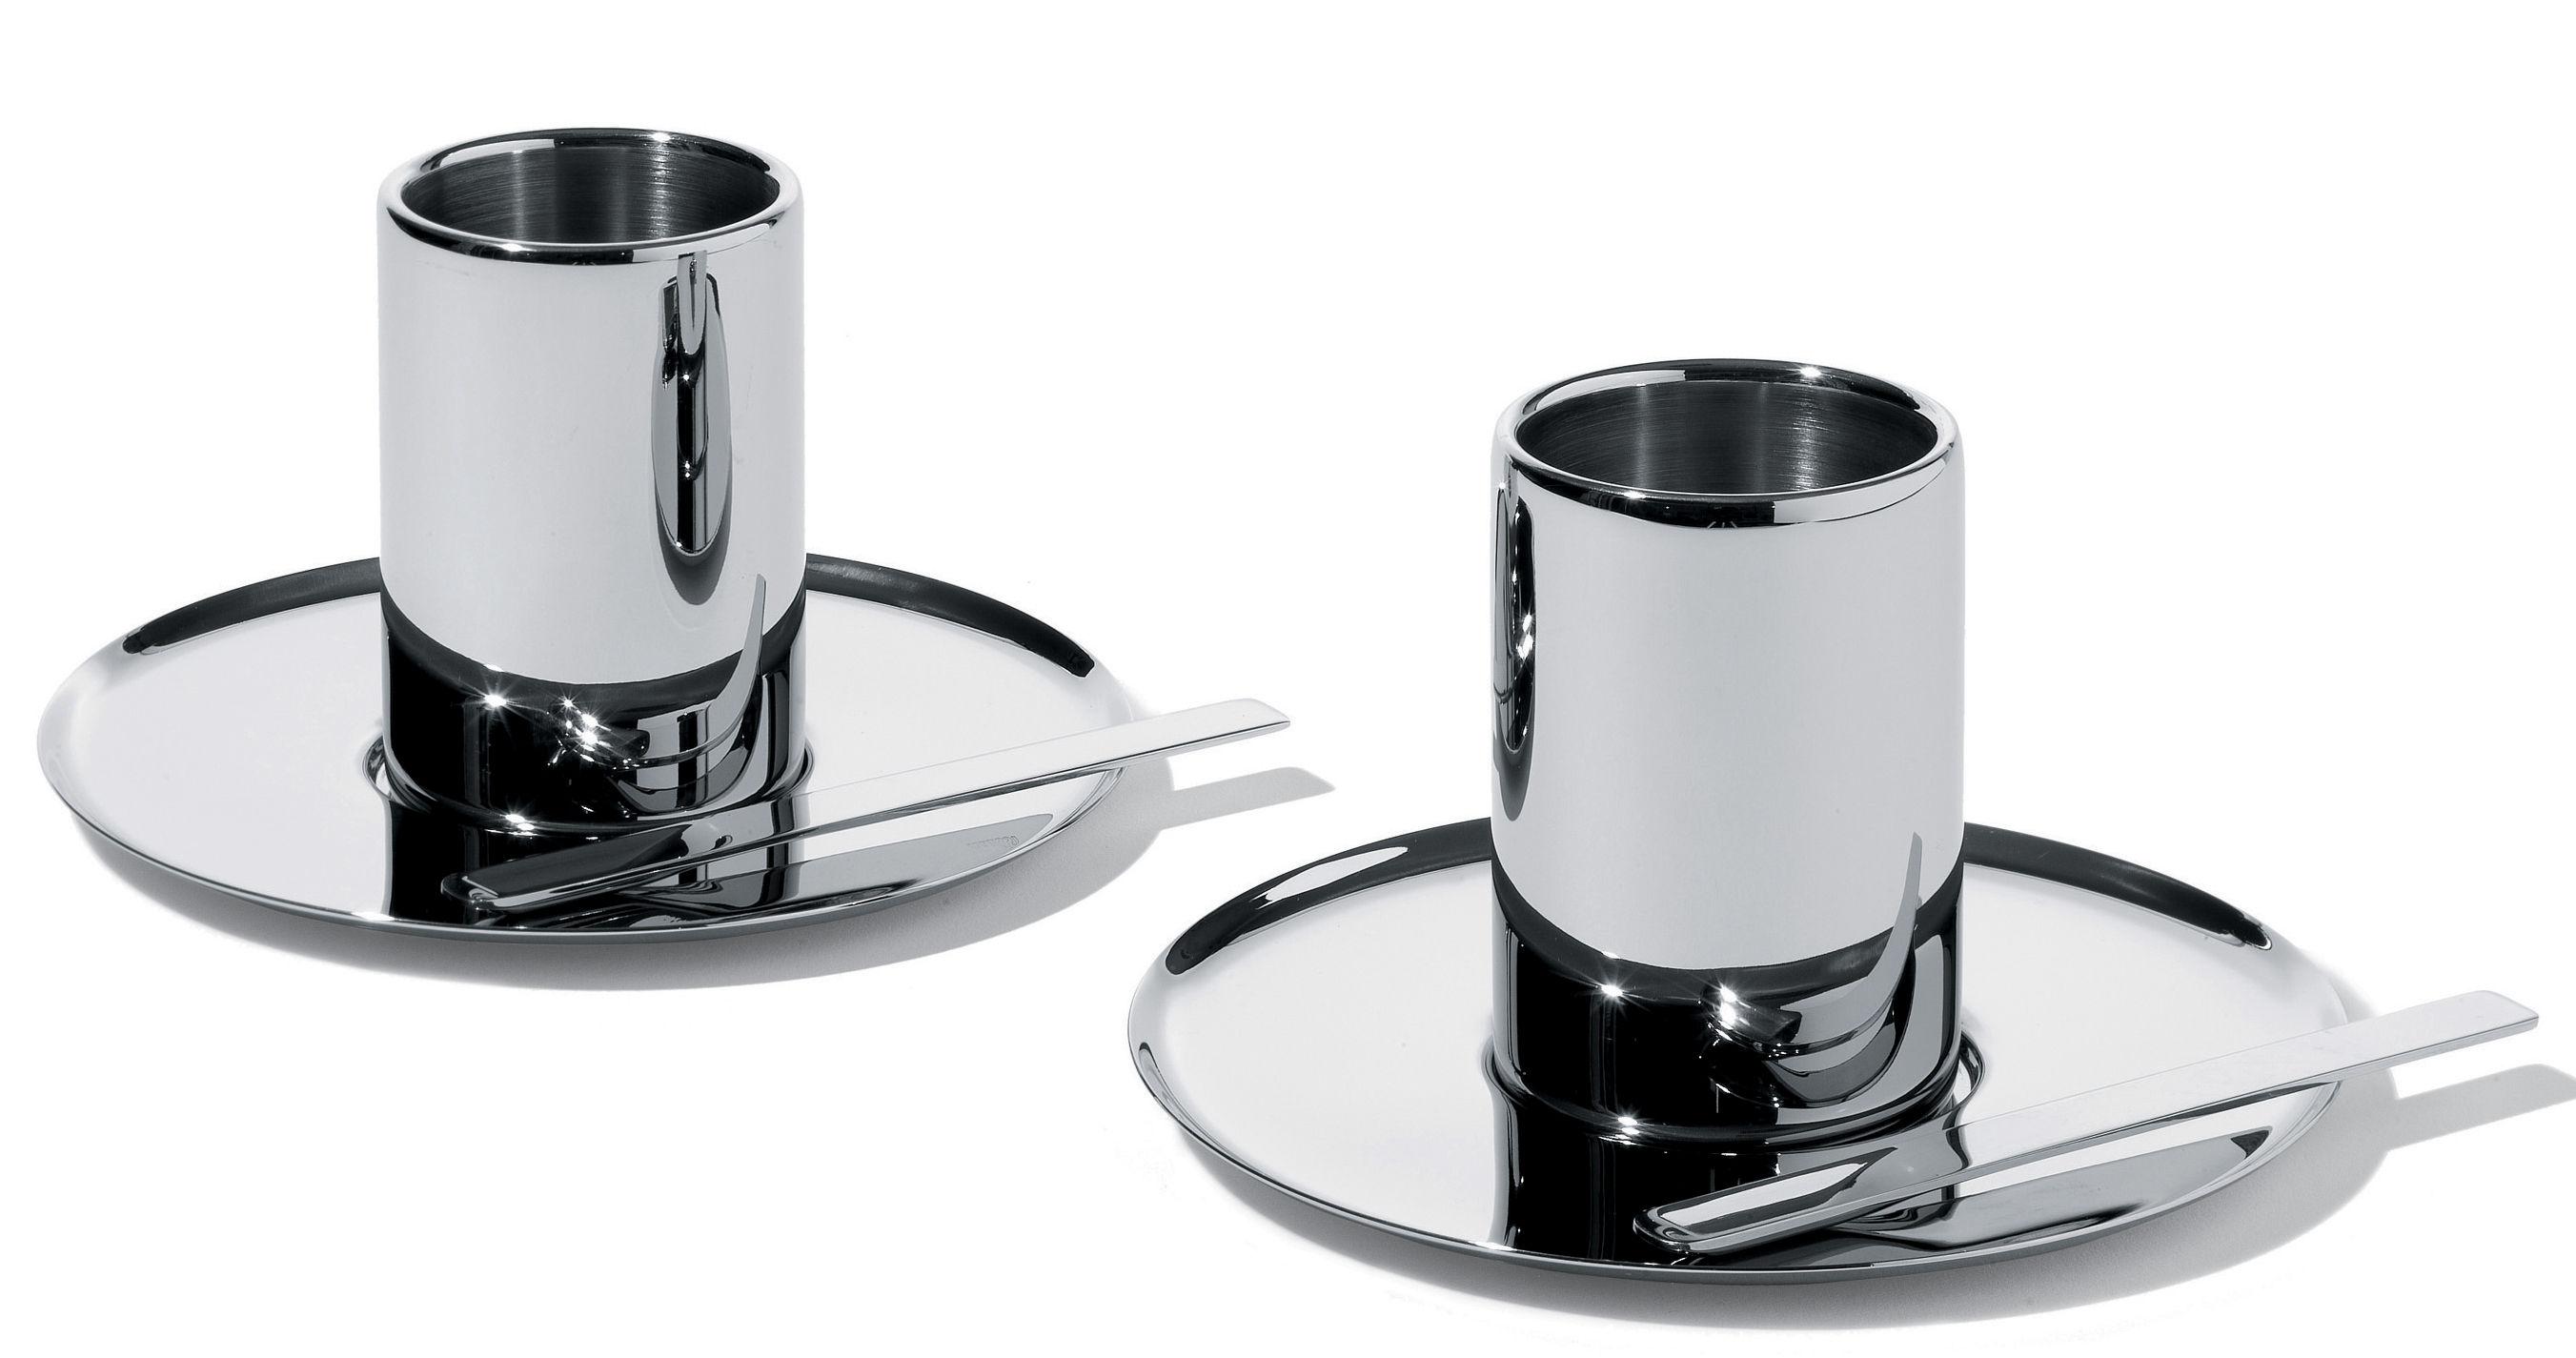 Tableware - Cutlery - Jean Nouvel Coffee, tea spoon - Set of 4 by Alessi - Steel - Stainless steel